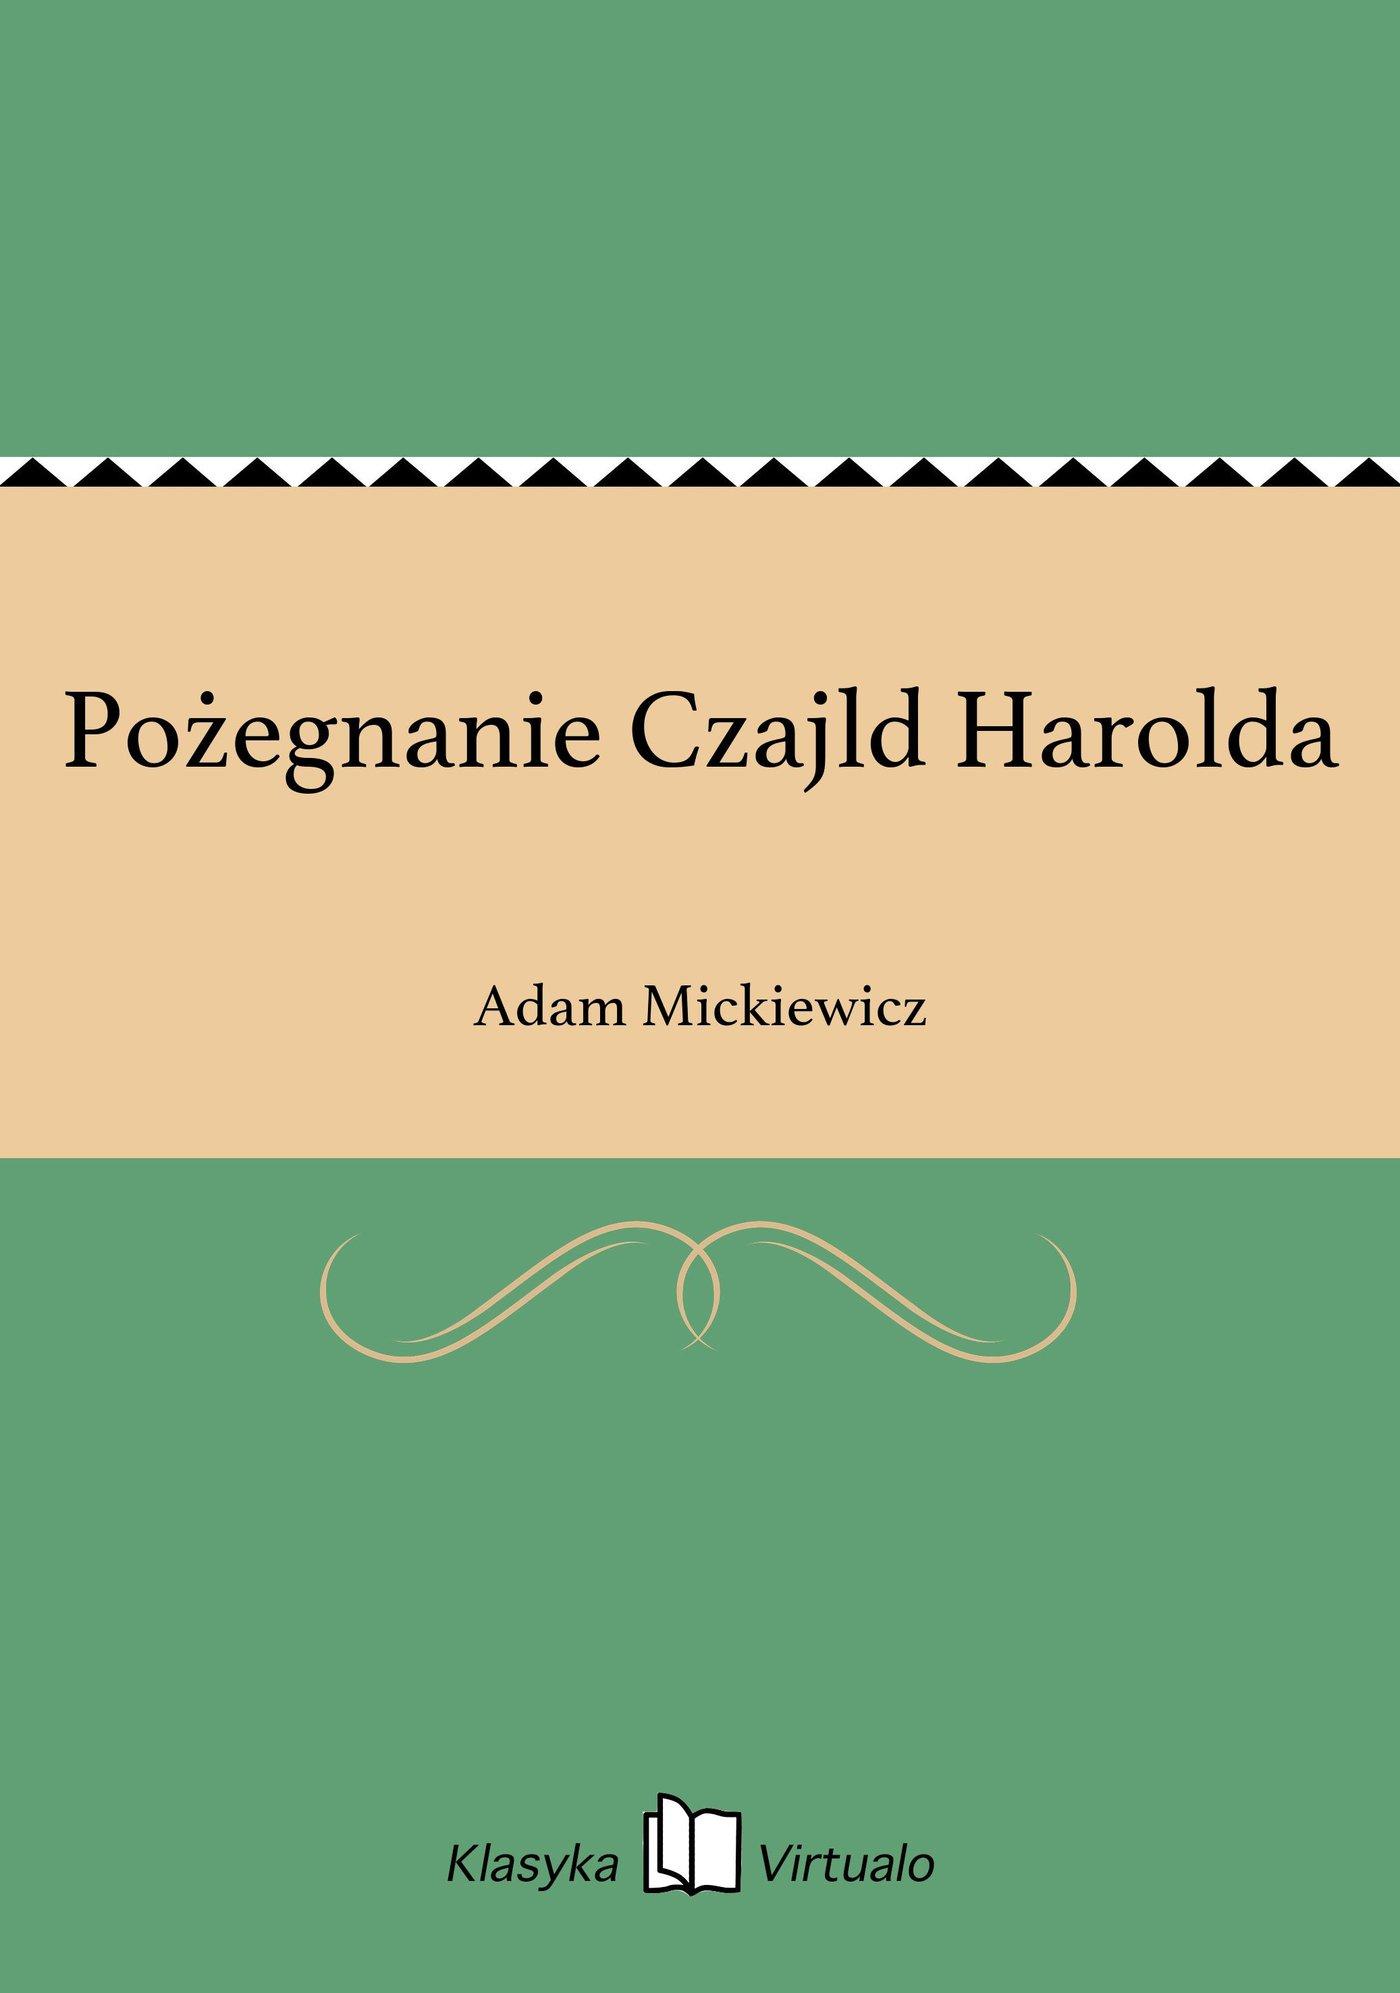 Pożegnanie Czajld Harolda - Ebook (Książka EPUB) do pobrania w formacie EPUB